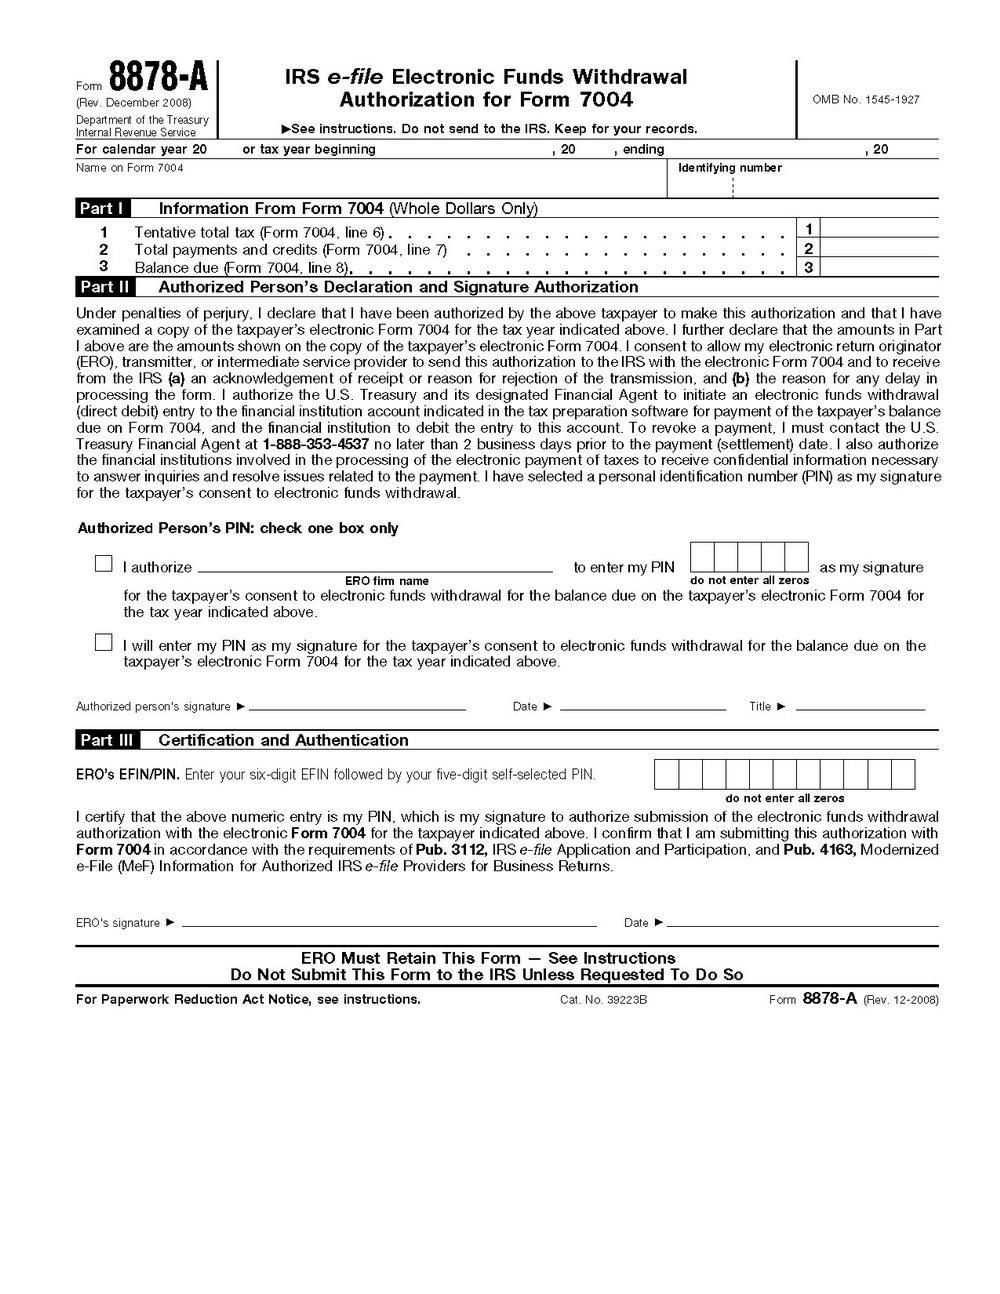 File Form 2290 Online